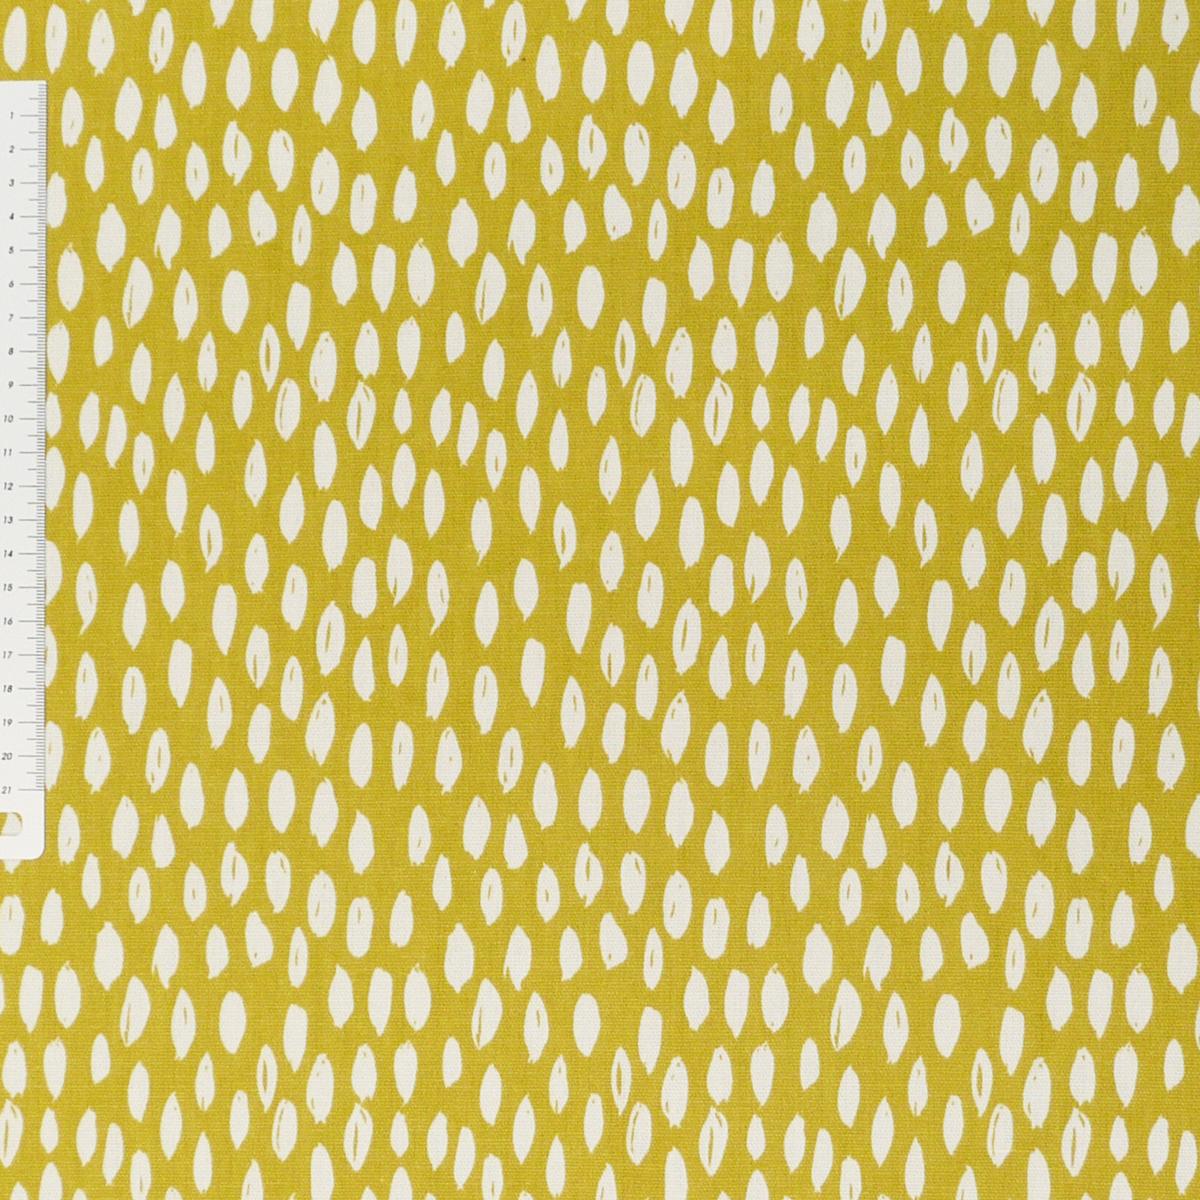 sch ner leben kissenh lle bayside honeydew okker gelb wei 50x50cm wohntextilien kissen retro. Black Bedroom Furniture Sets. Home Design Ideas